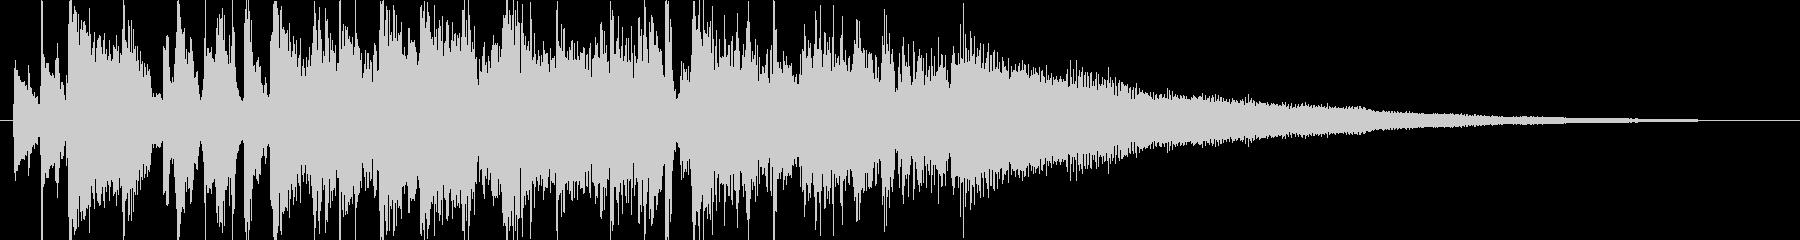 エレピが特徴のジャズポップ・ジングルの未再生の波形